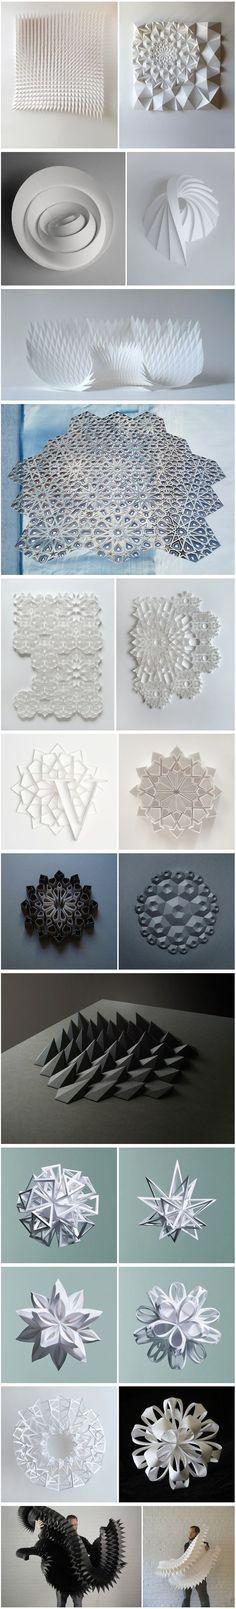 Geometric Paper Sculptures C'est toujours un plaisir de contempler les derniers travaux de Matt Shlian, qui intègre dans ses œuvres les sciences et les mathématiques.